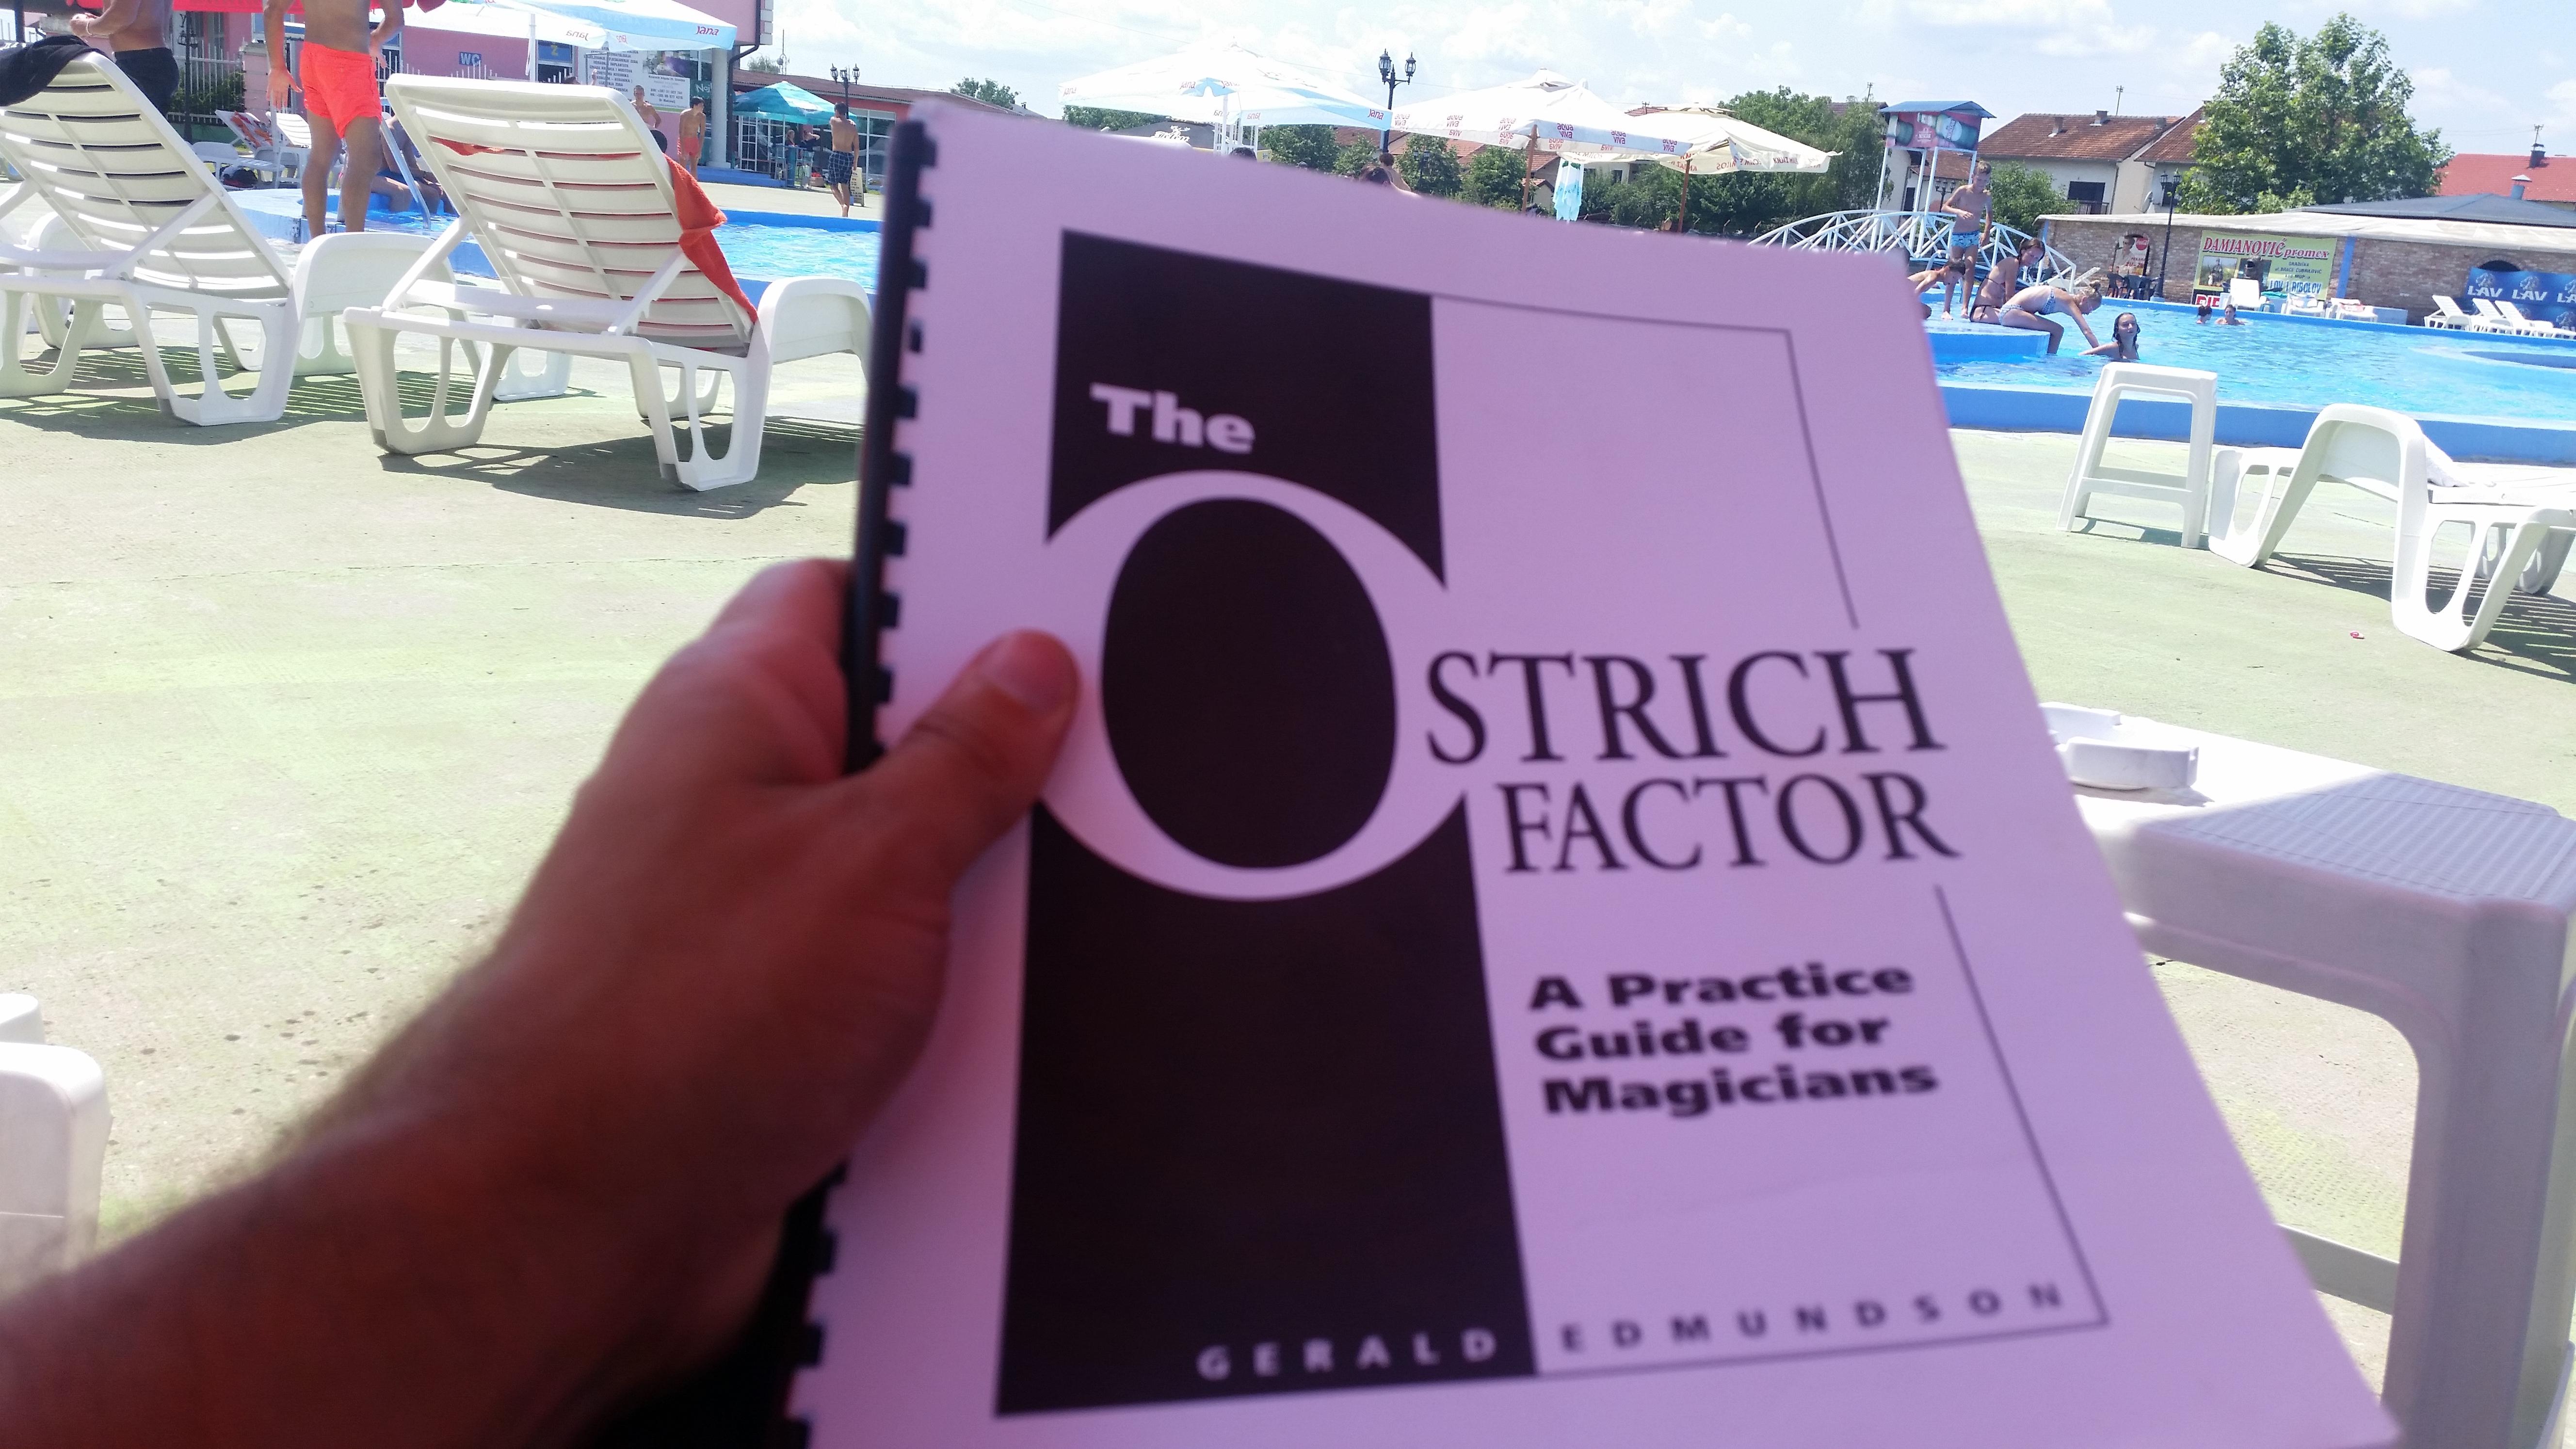 ostrichfactor